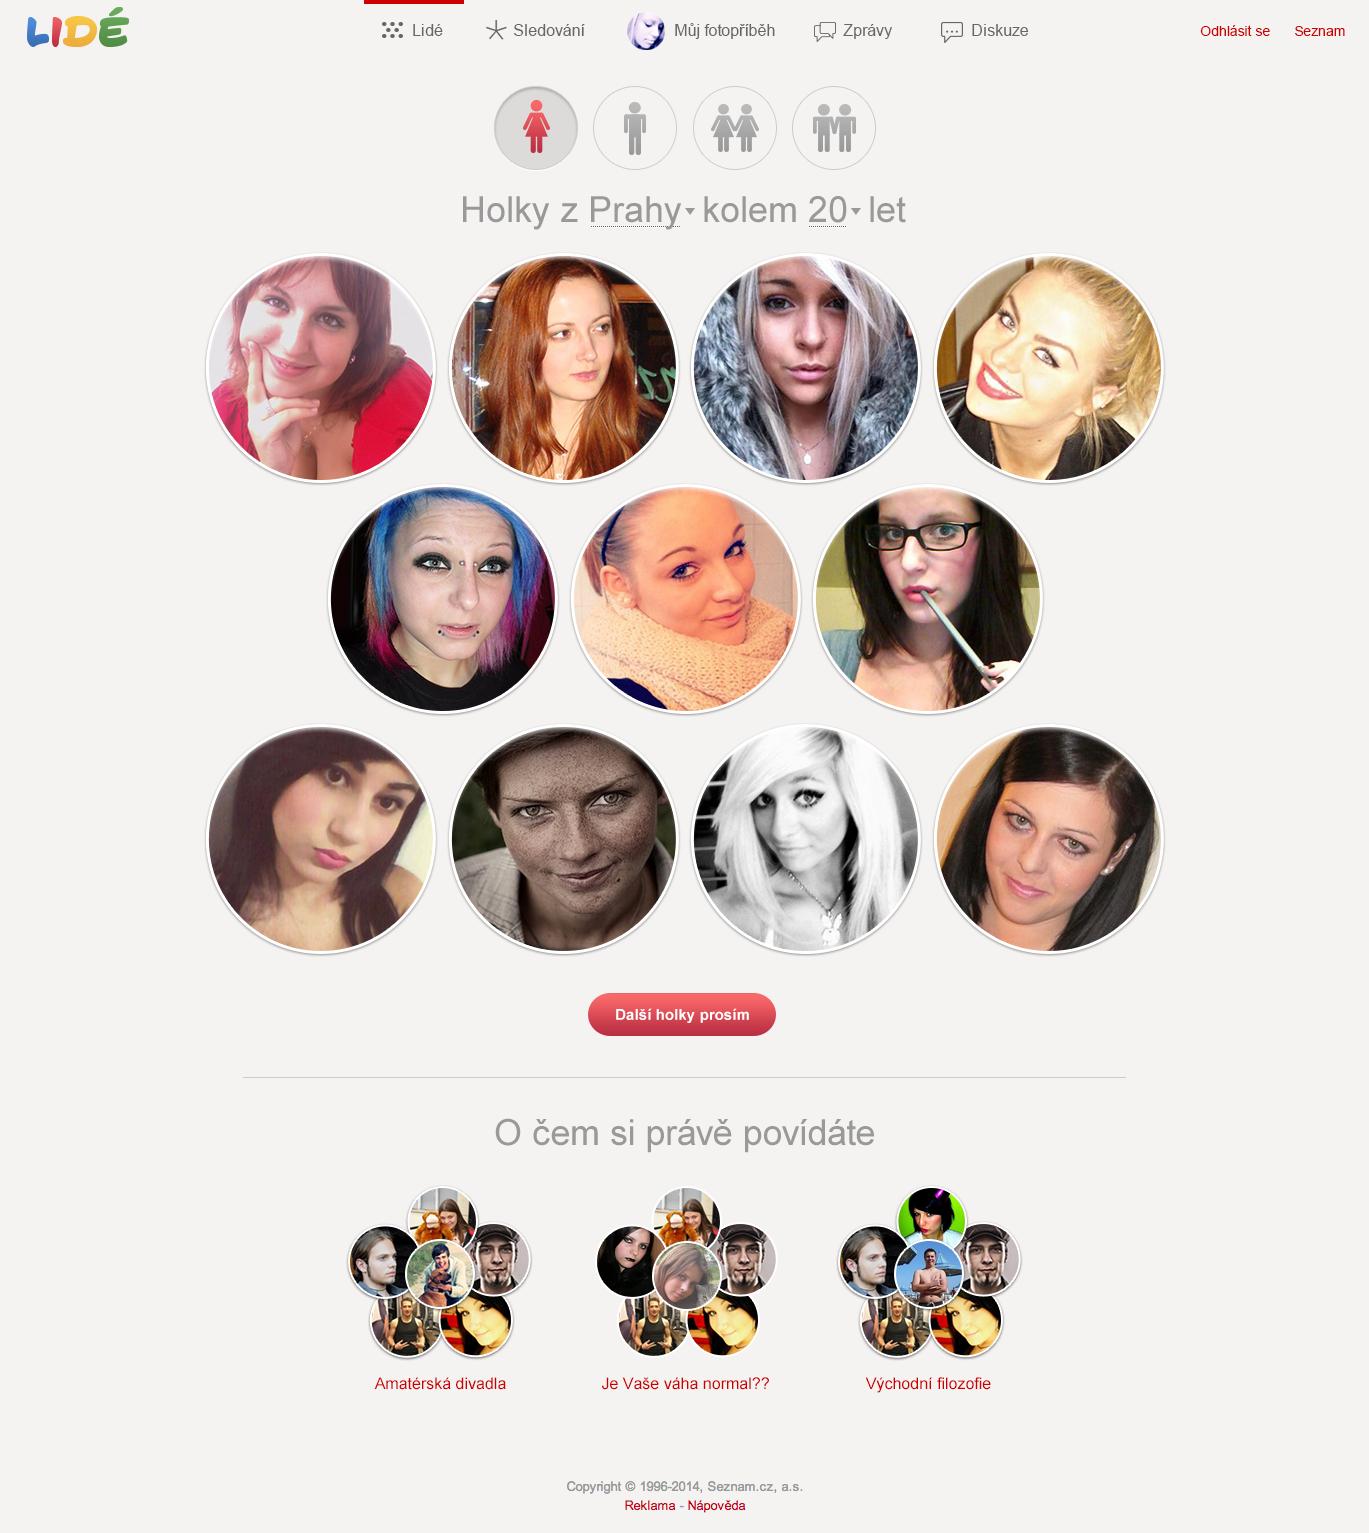 Seznamka tvůrce profilu webu